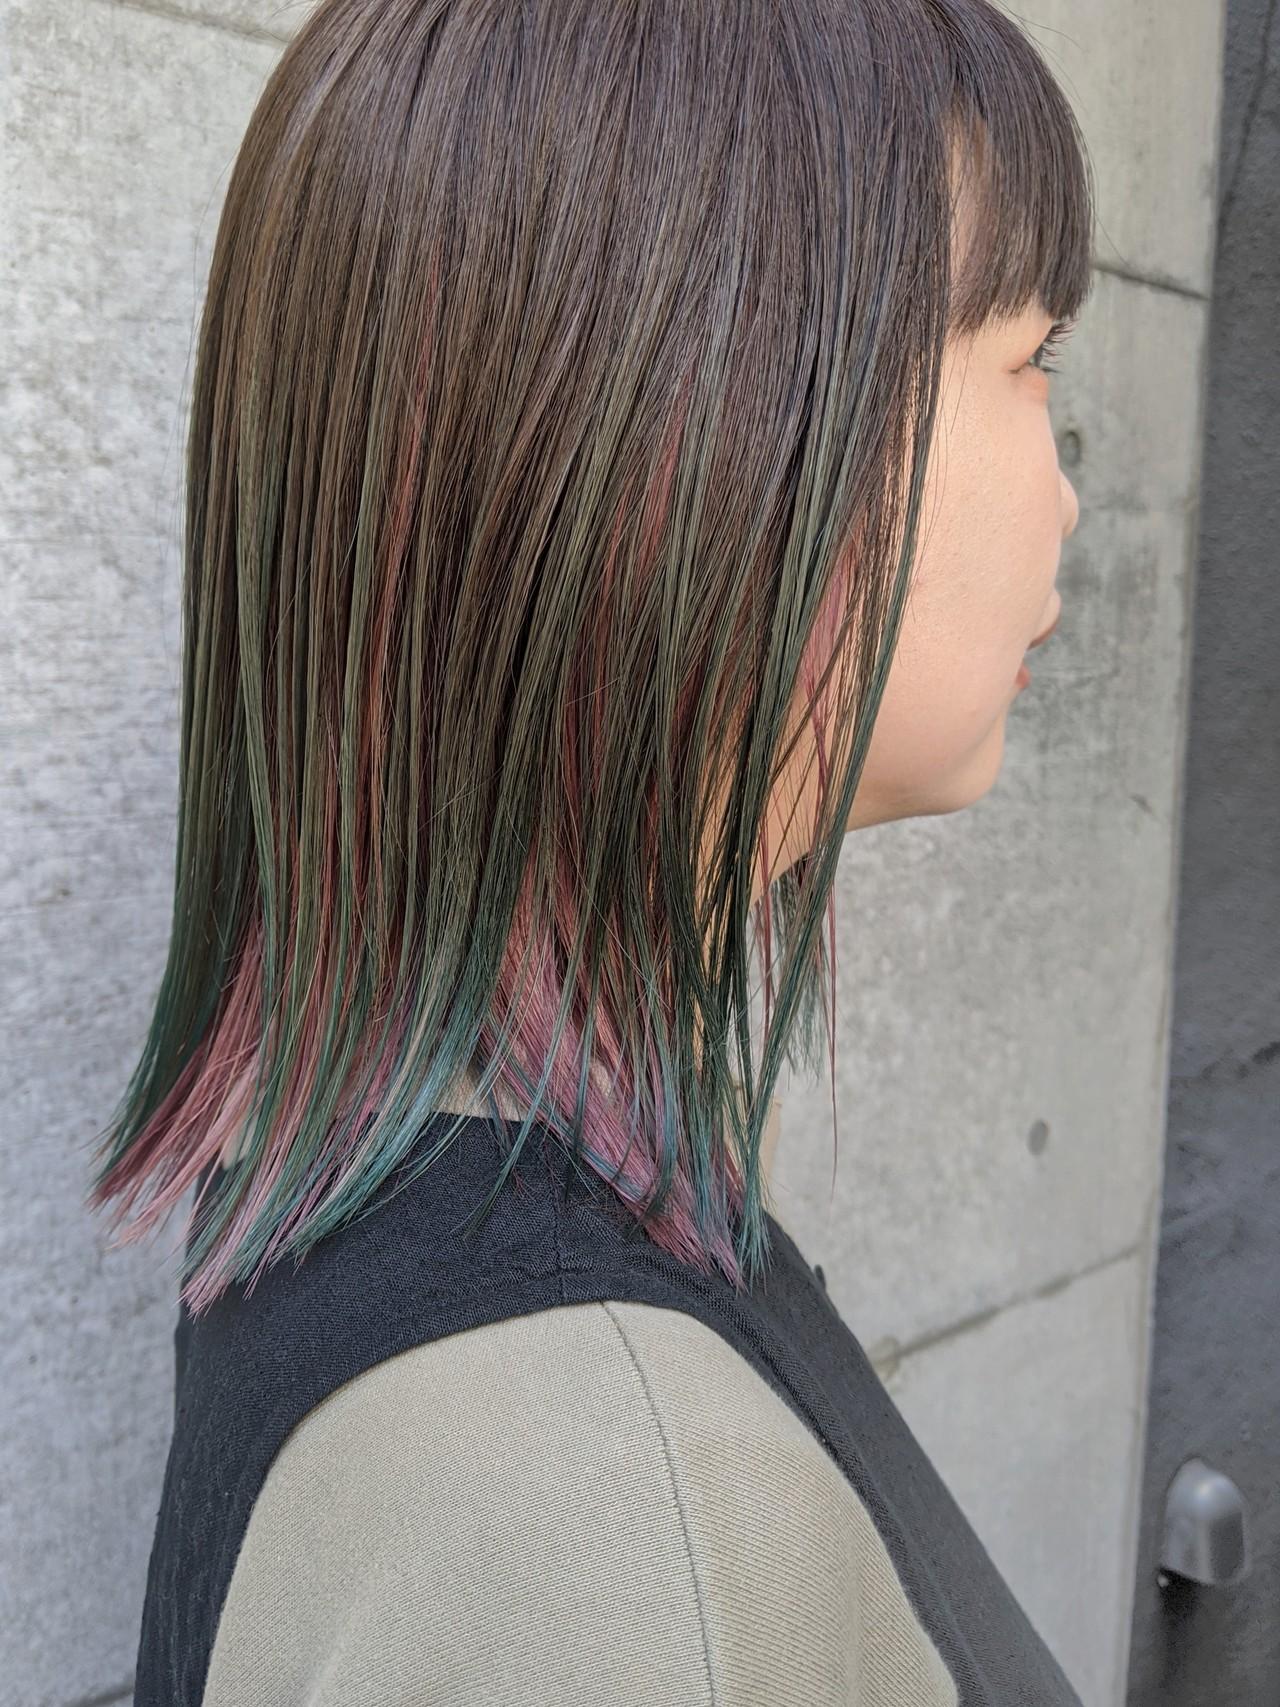 ミディアム 切りっぱなし ナチュラル グラデーションカラーヘアスタイルや髪型の写真・画像